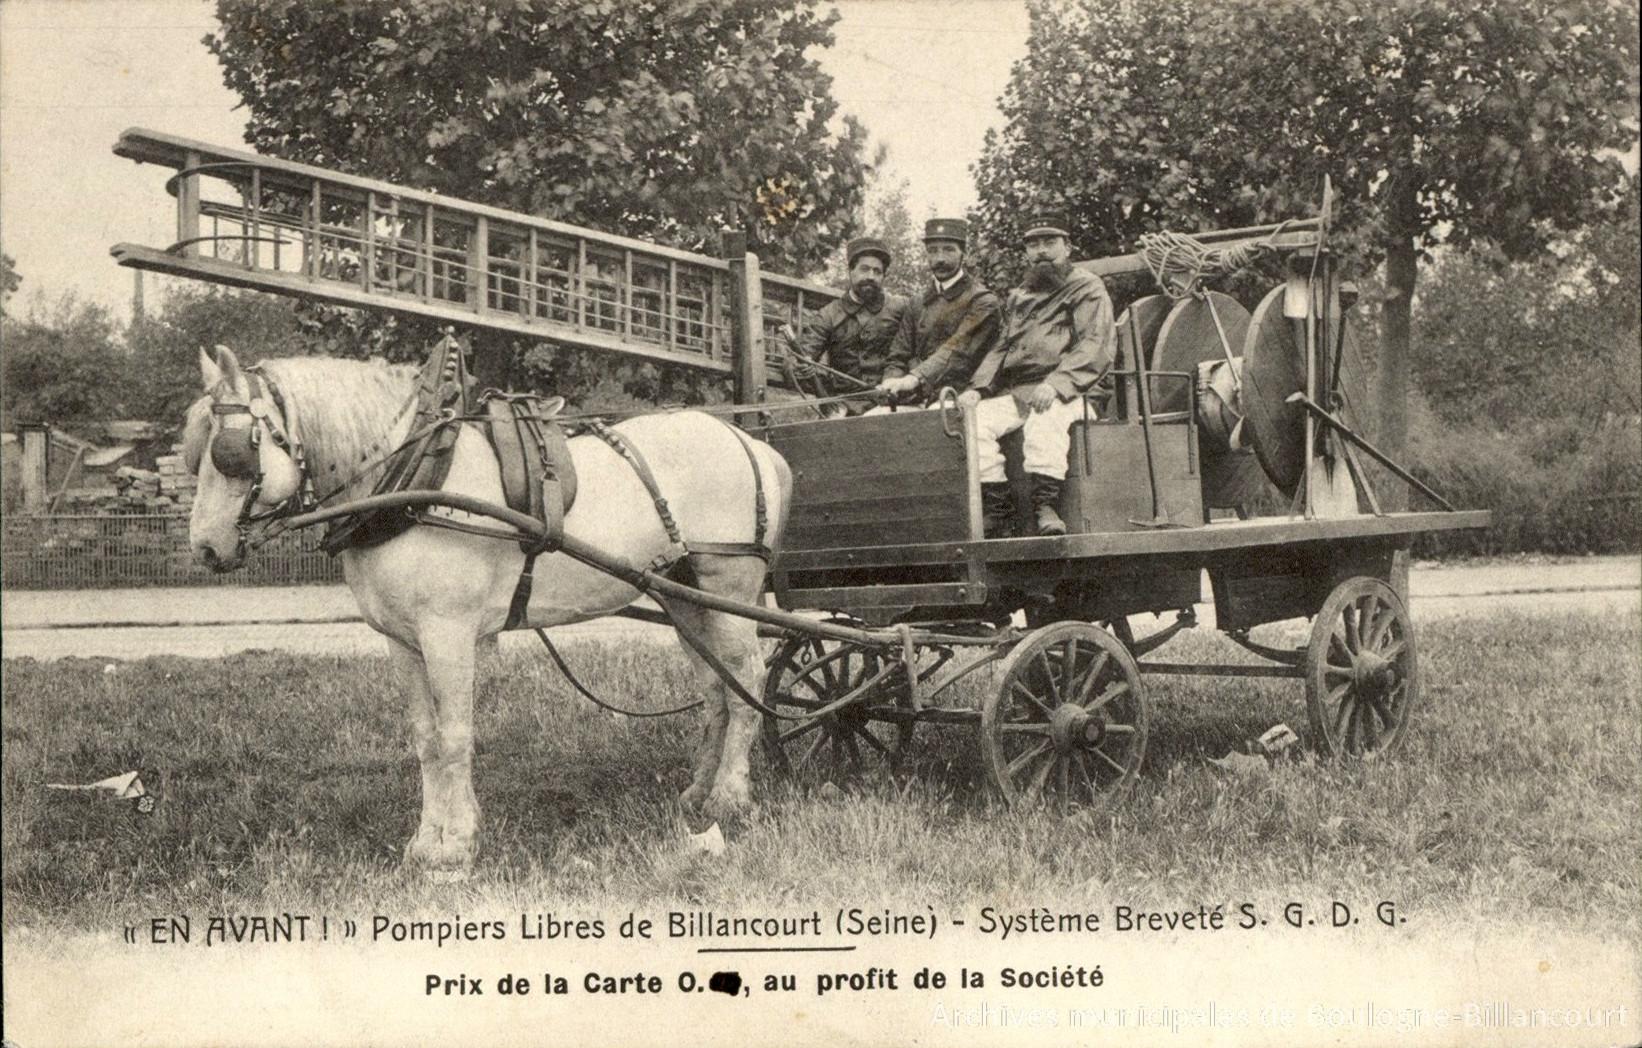 Pompiers libres de Billancourt2